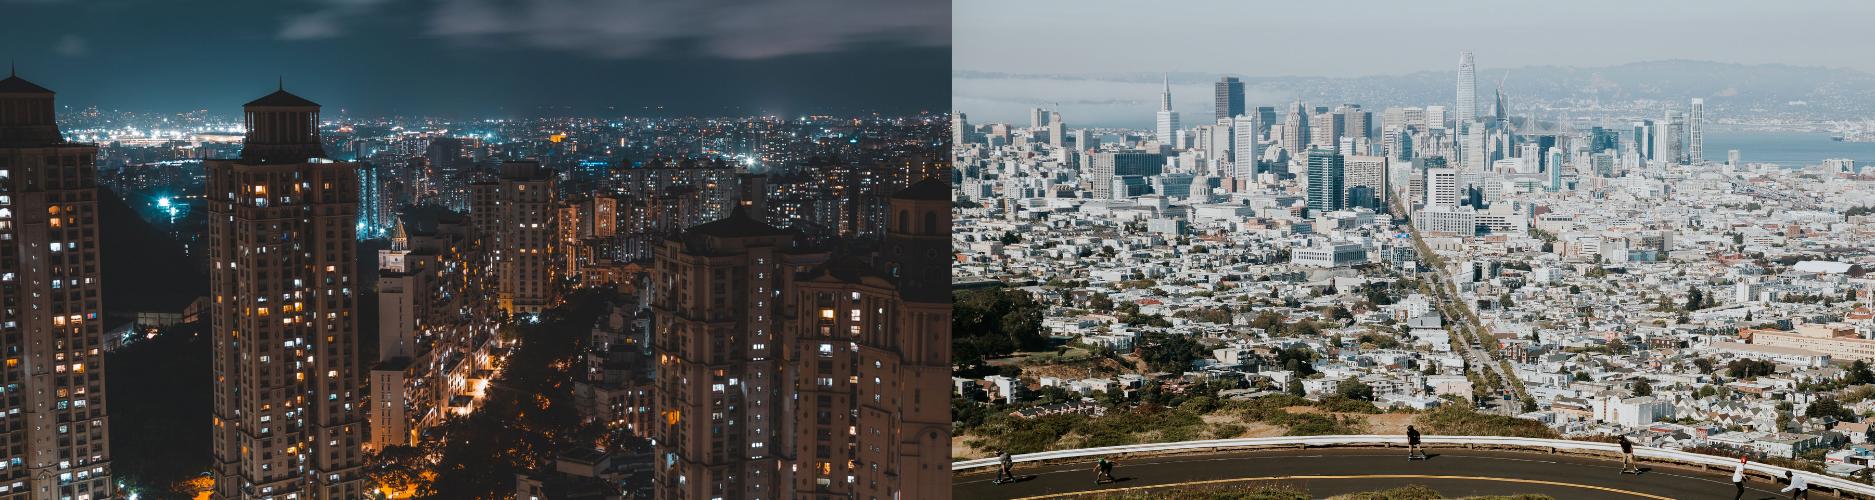 Mumbai, India at night verses San Jose, California during the day